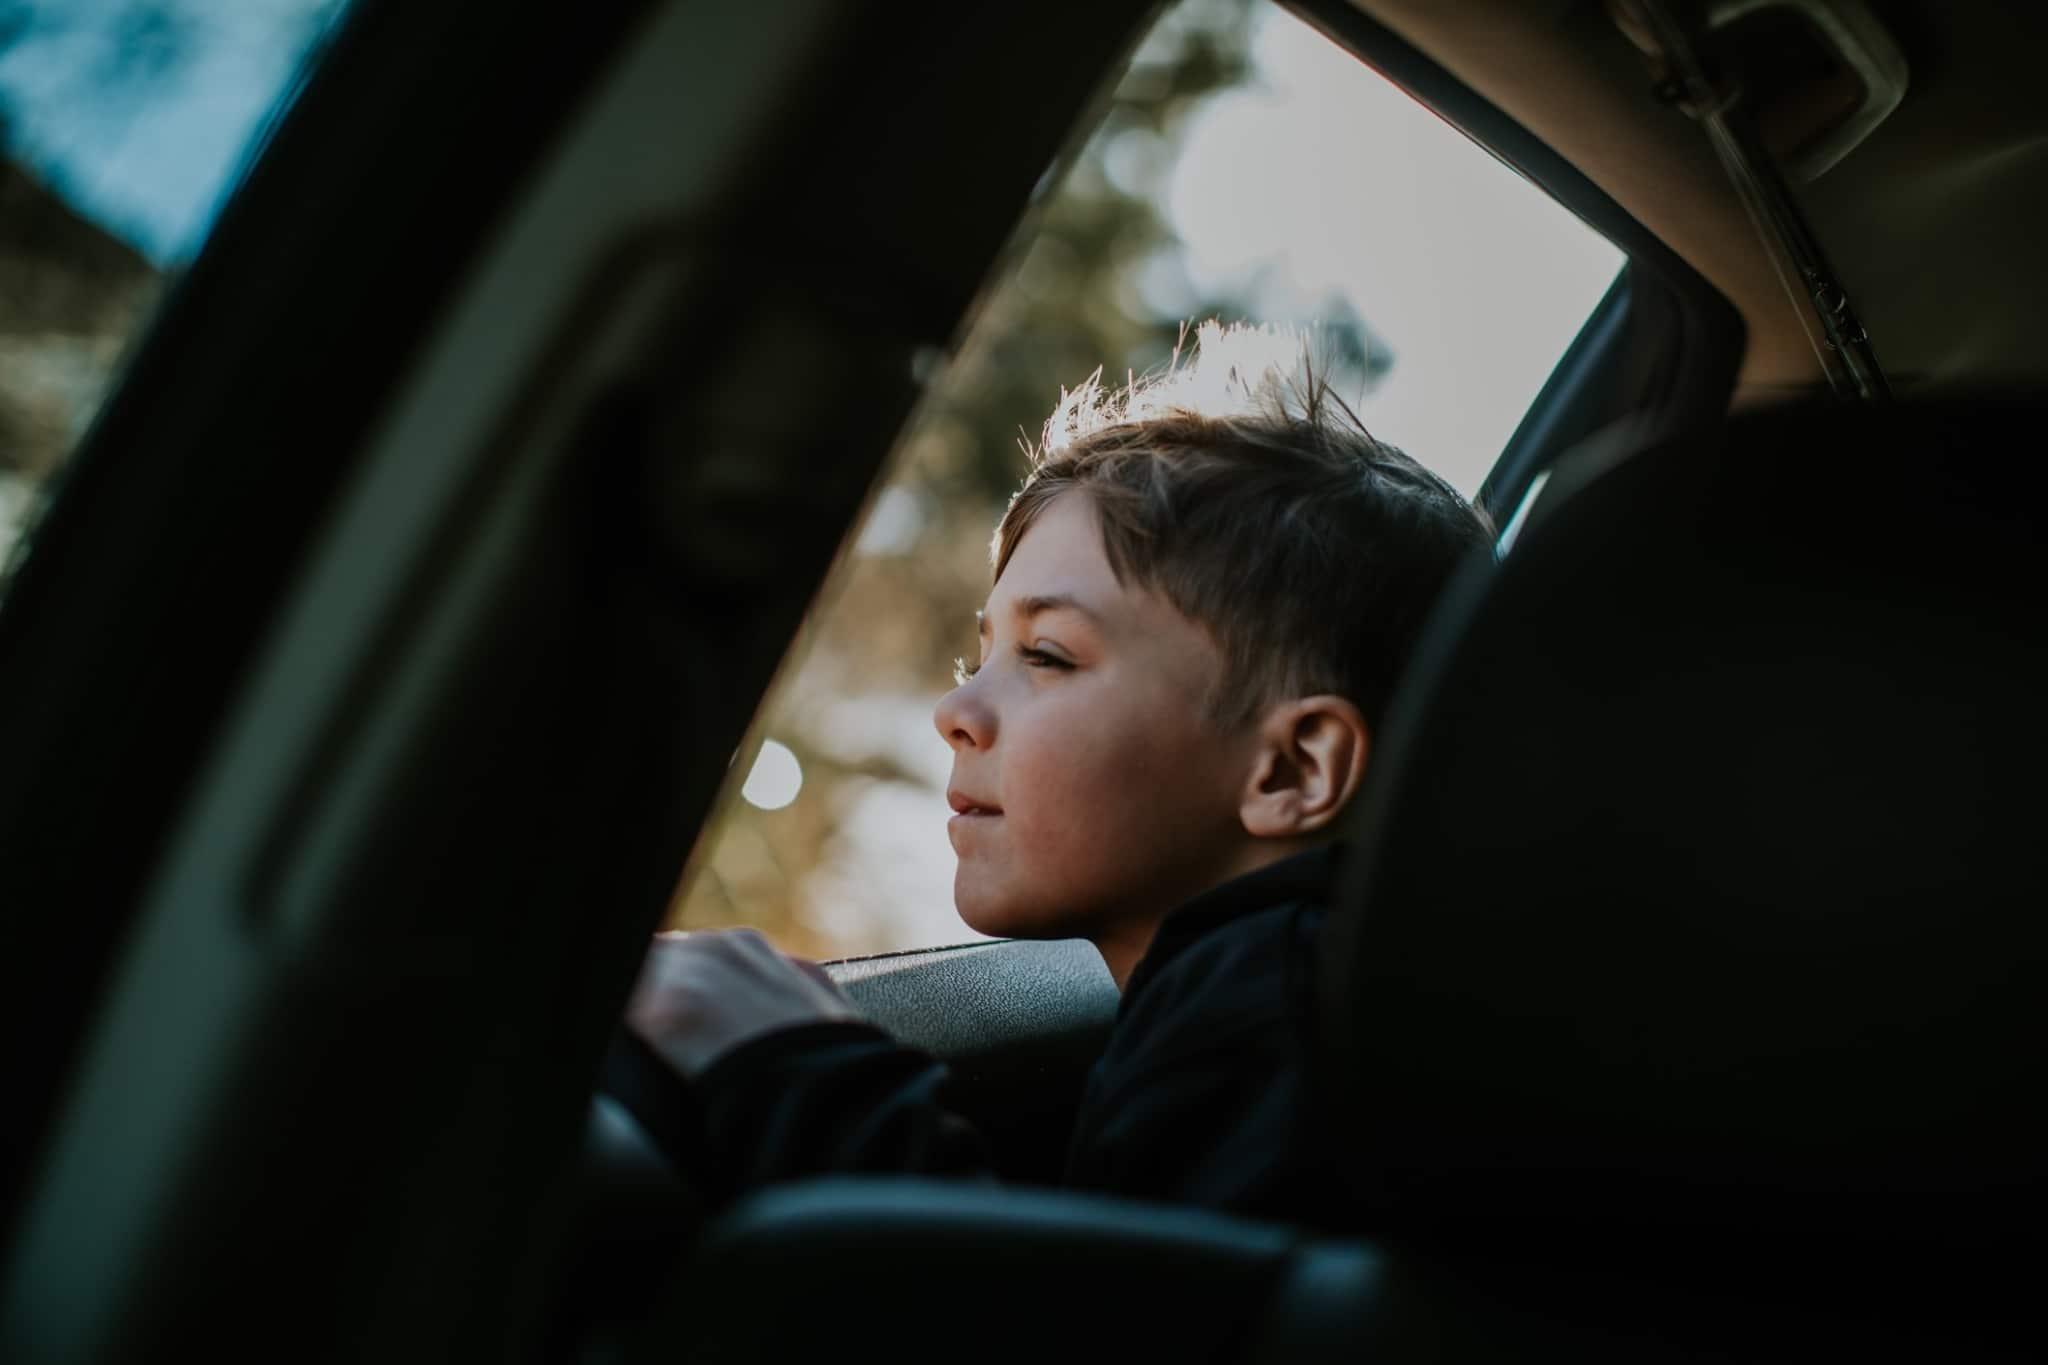 criança dentro de um carro